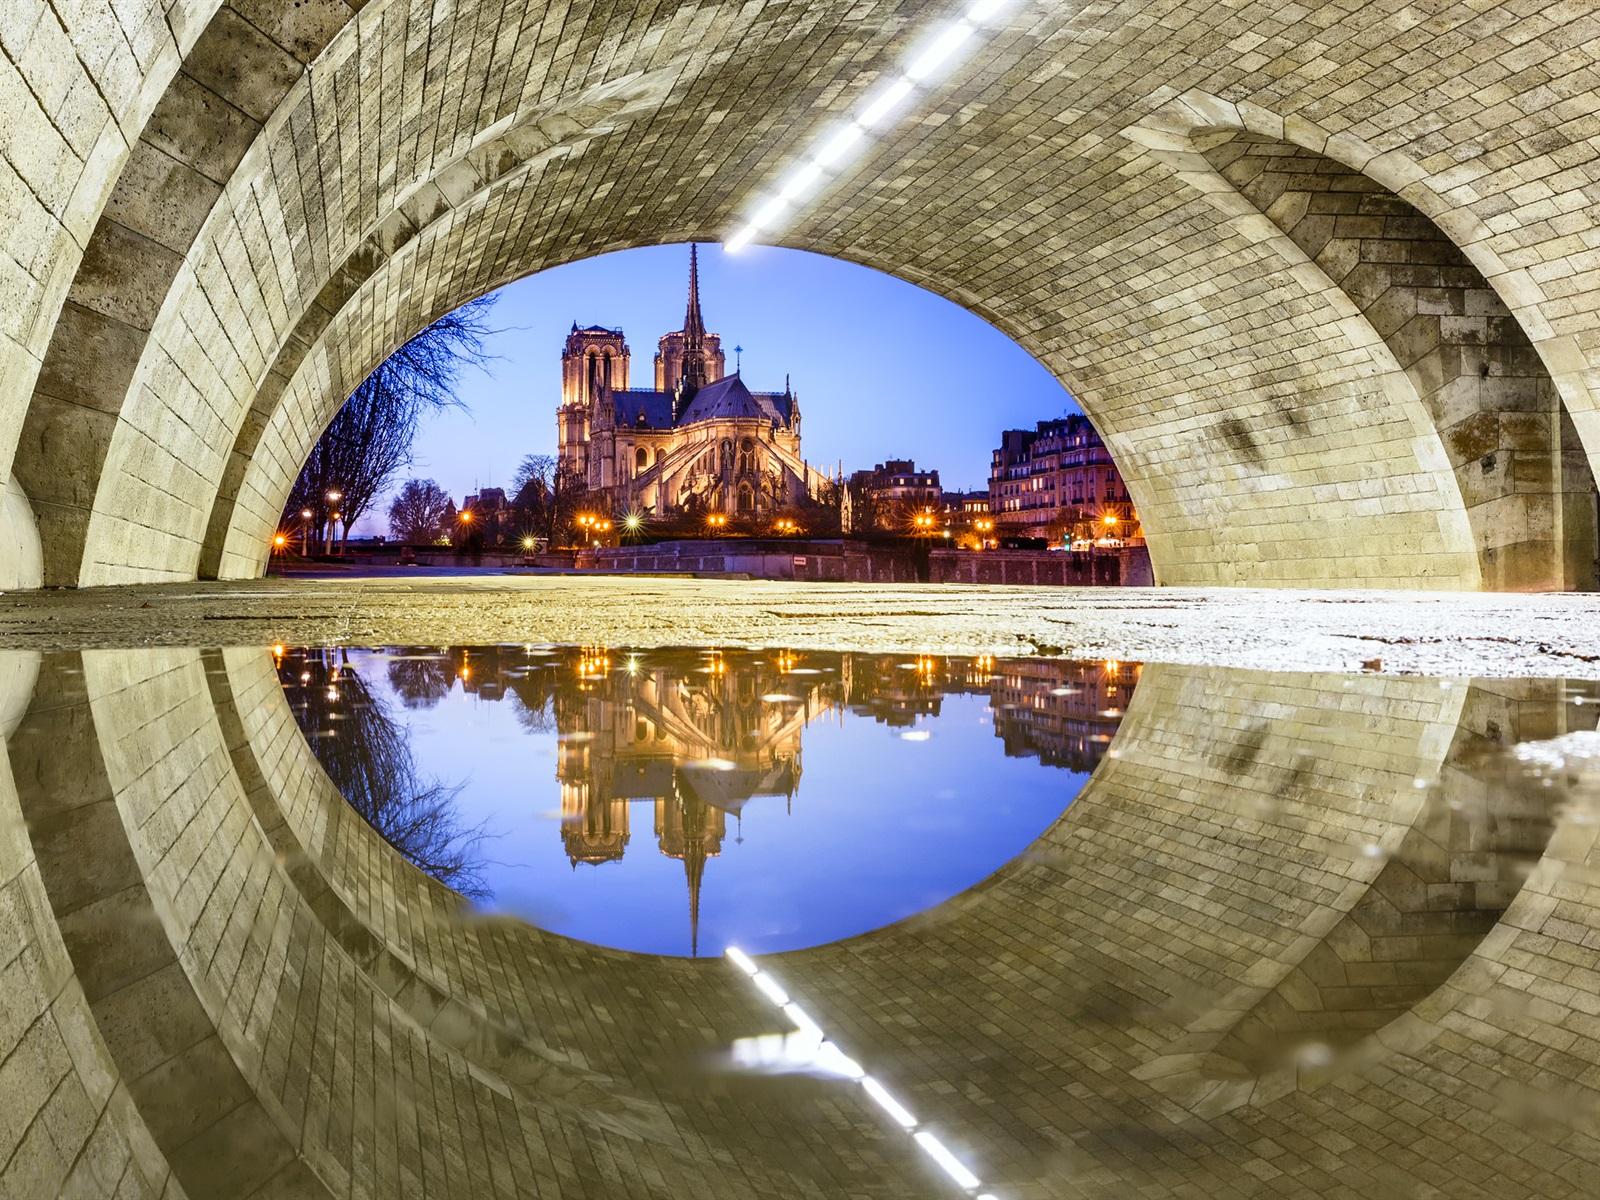 ノートルダム大聖堂 (パリ)の画像 p1_14